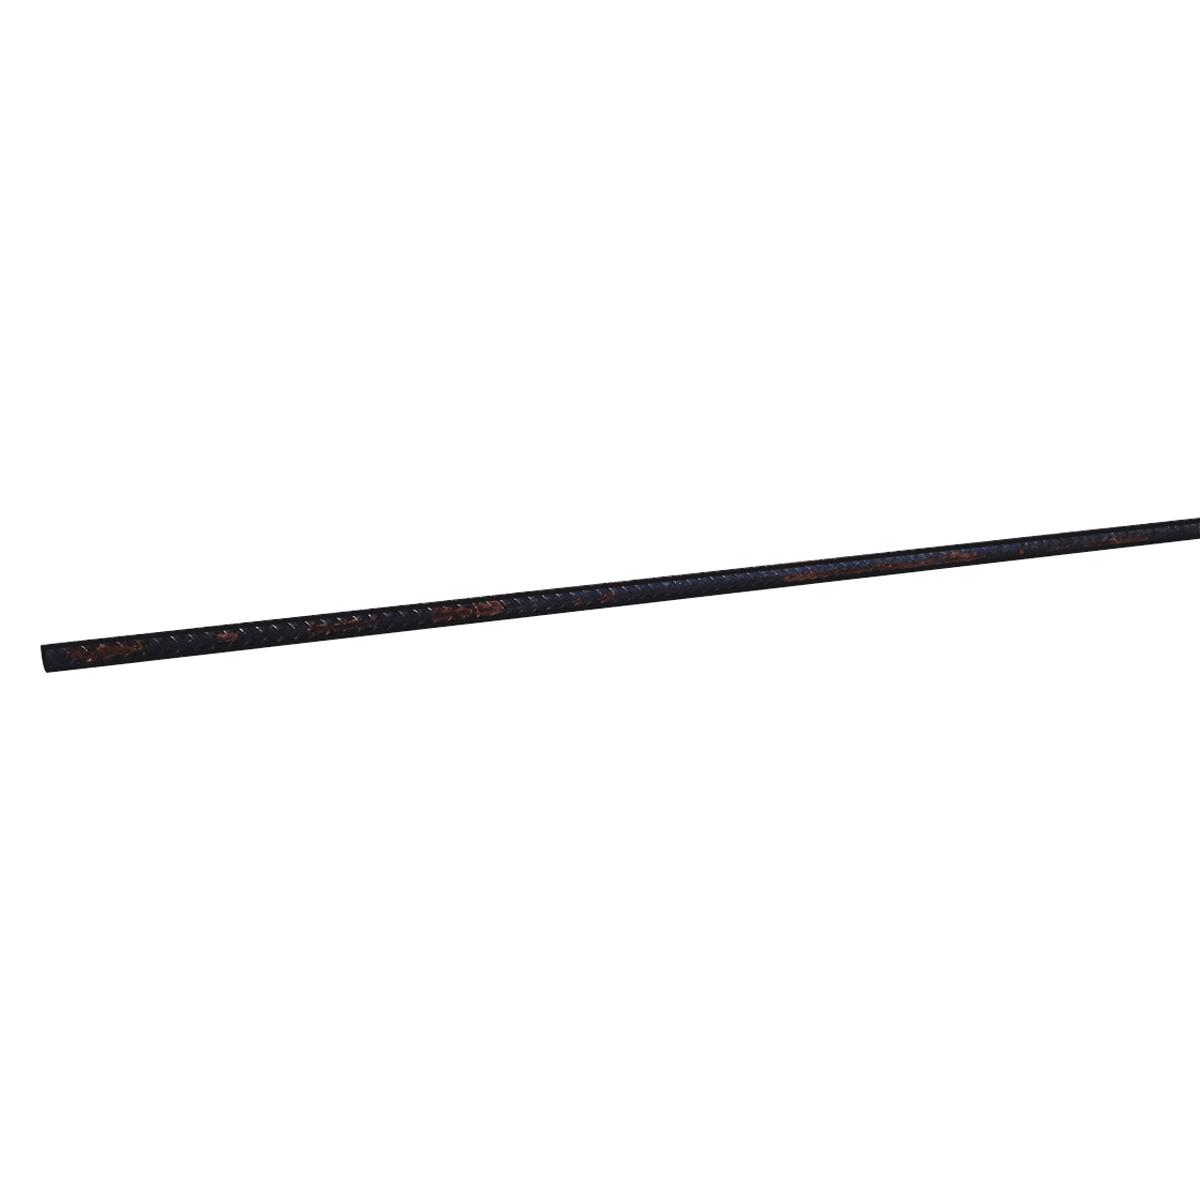 Prezzo Del Ferro Per Edilizia tondino per cemento in ferro l 2 m x h 0.8 cm